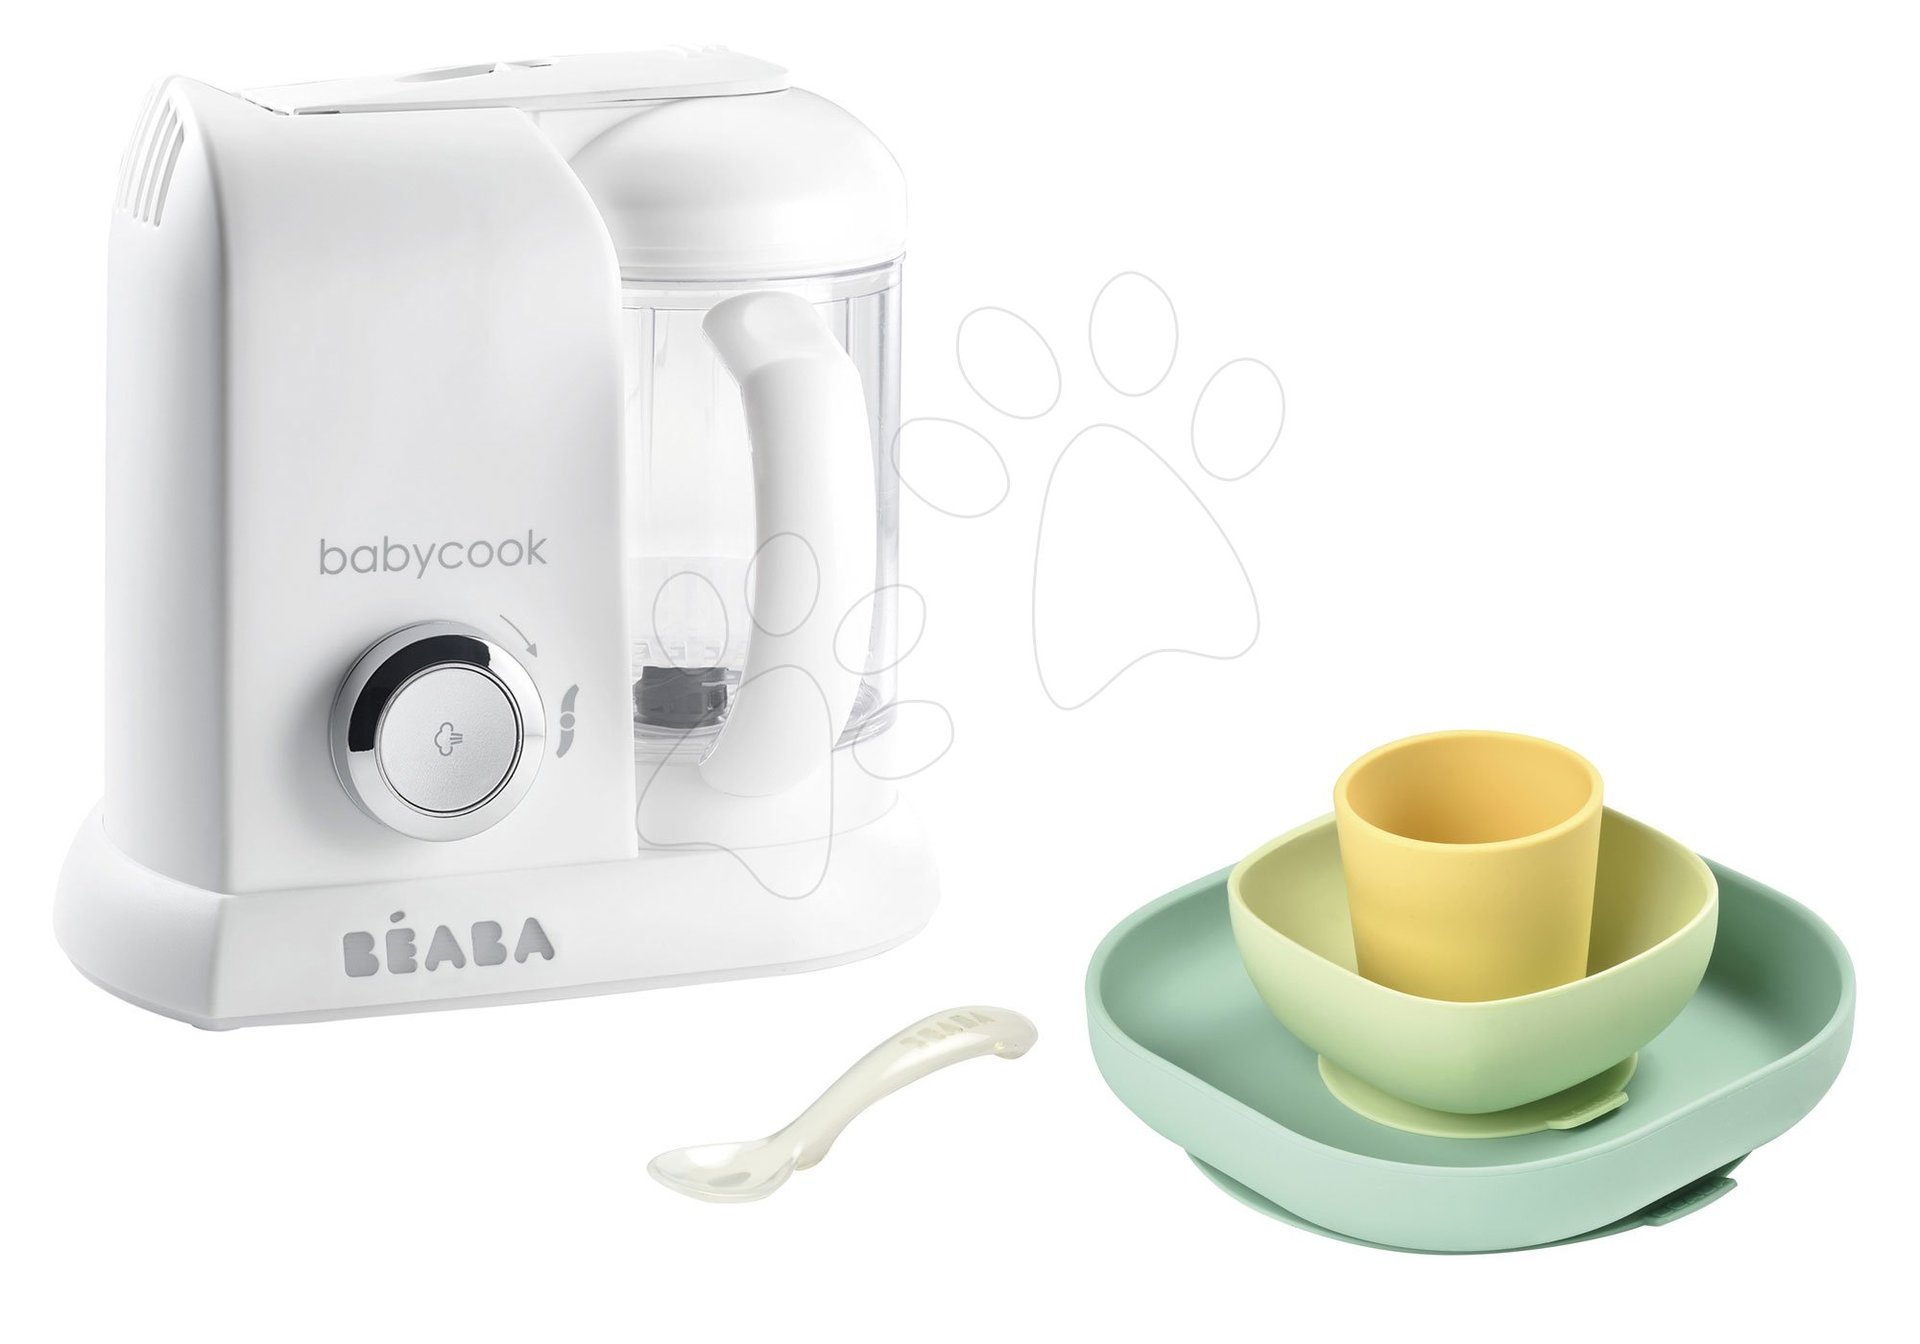 Set parní vařič a mixér Beaba Babycook® Solo white silver + dárek jídelní souprava Silicone meal 4-dílná